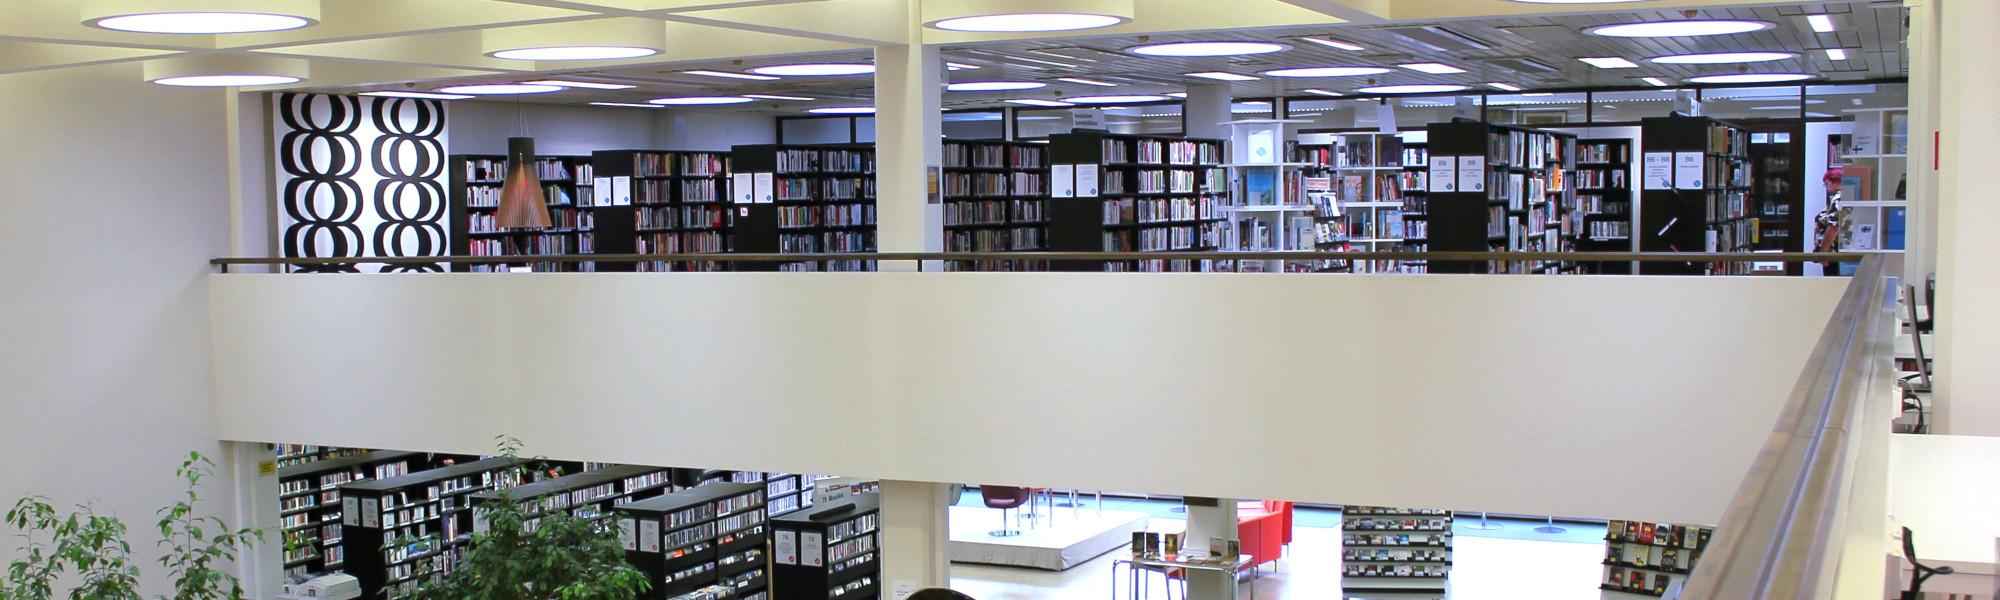 Yleiskuva kirjaston 3. kerroksesta